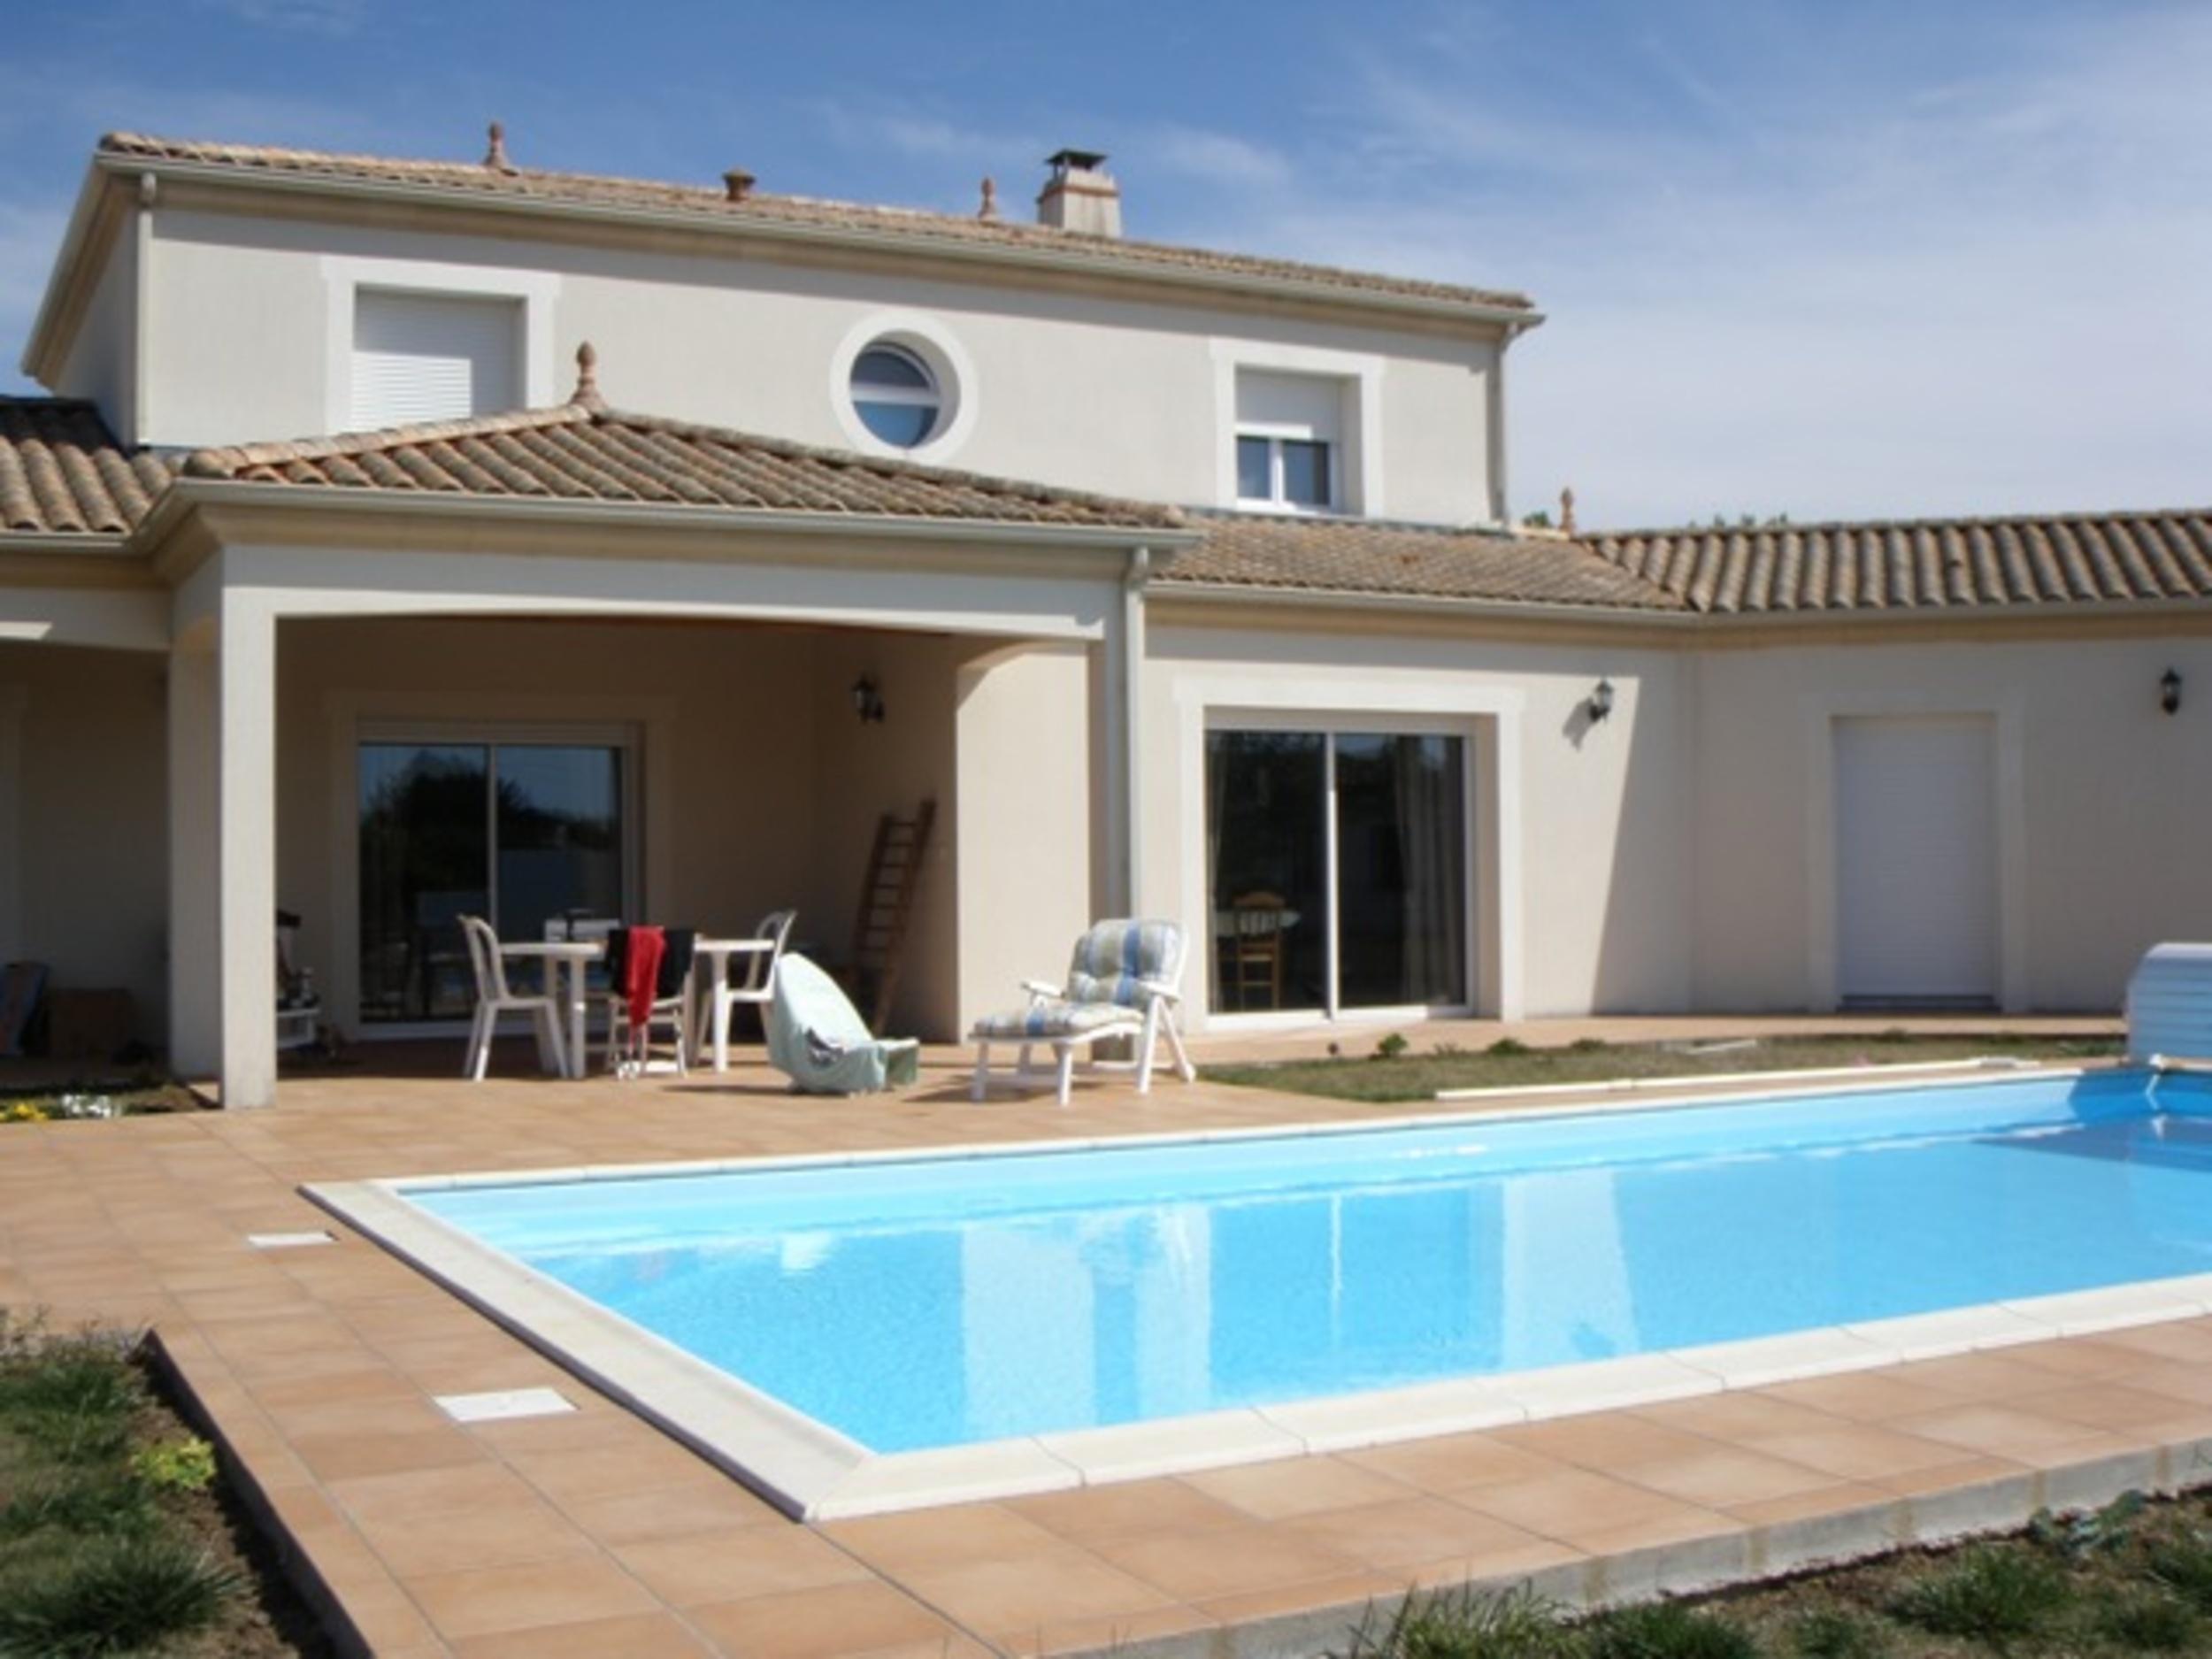 Gardiennage de villa avec piscine dans le pays de la Loire